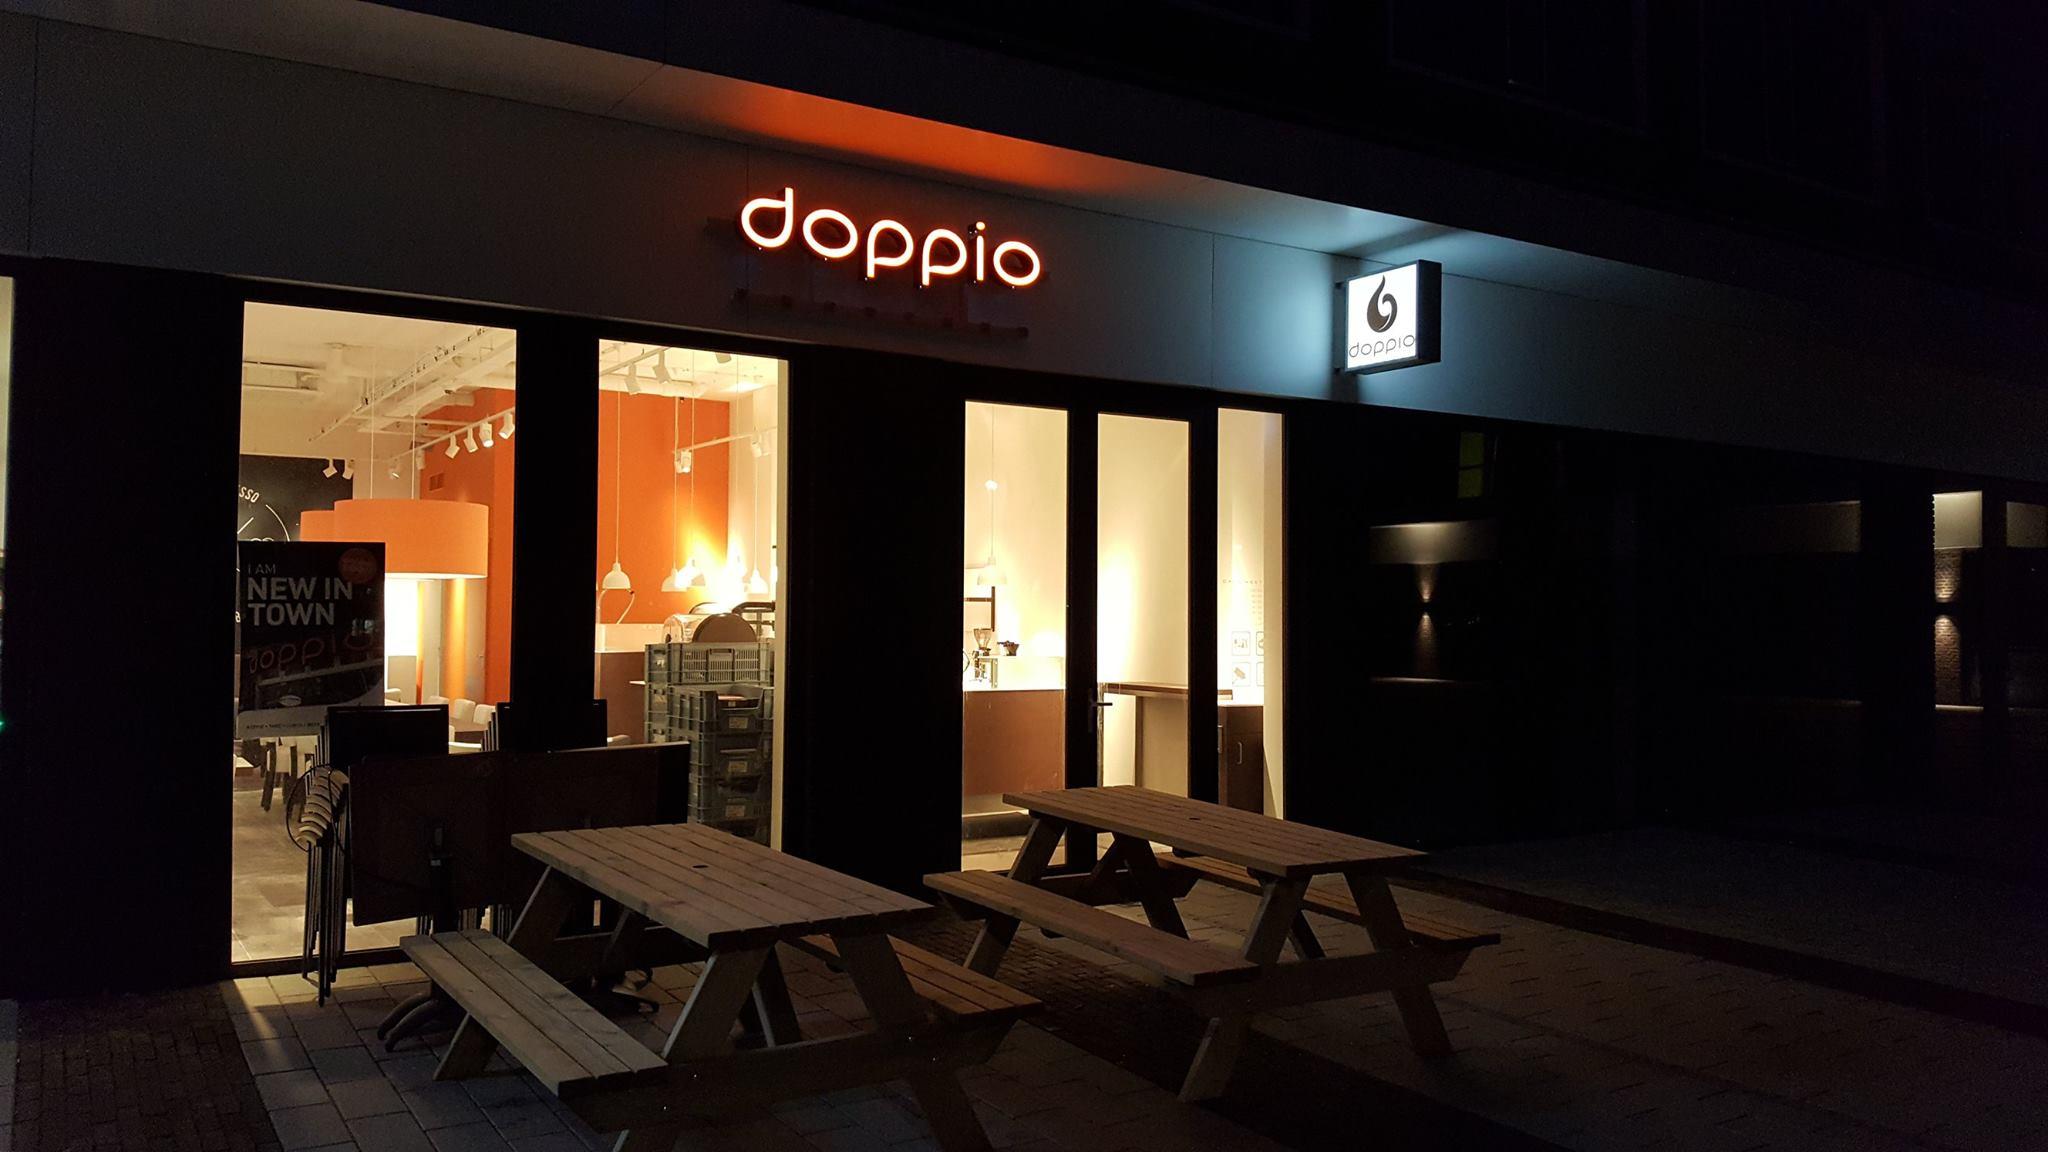 Doppio_Espresso_Wageningen_campus_lichtreclame_doosletters_led_lichtbak_verlicht_avond